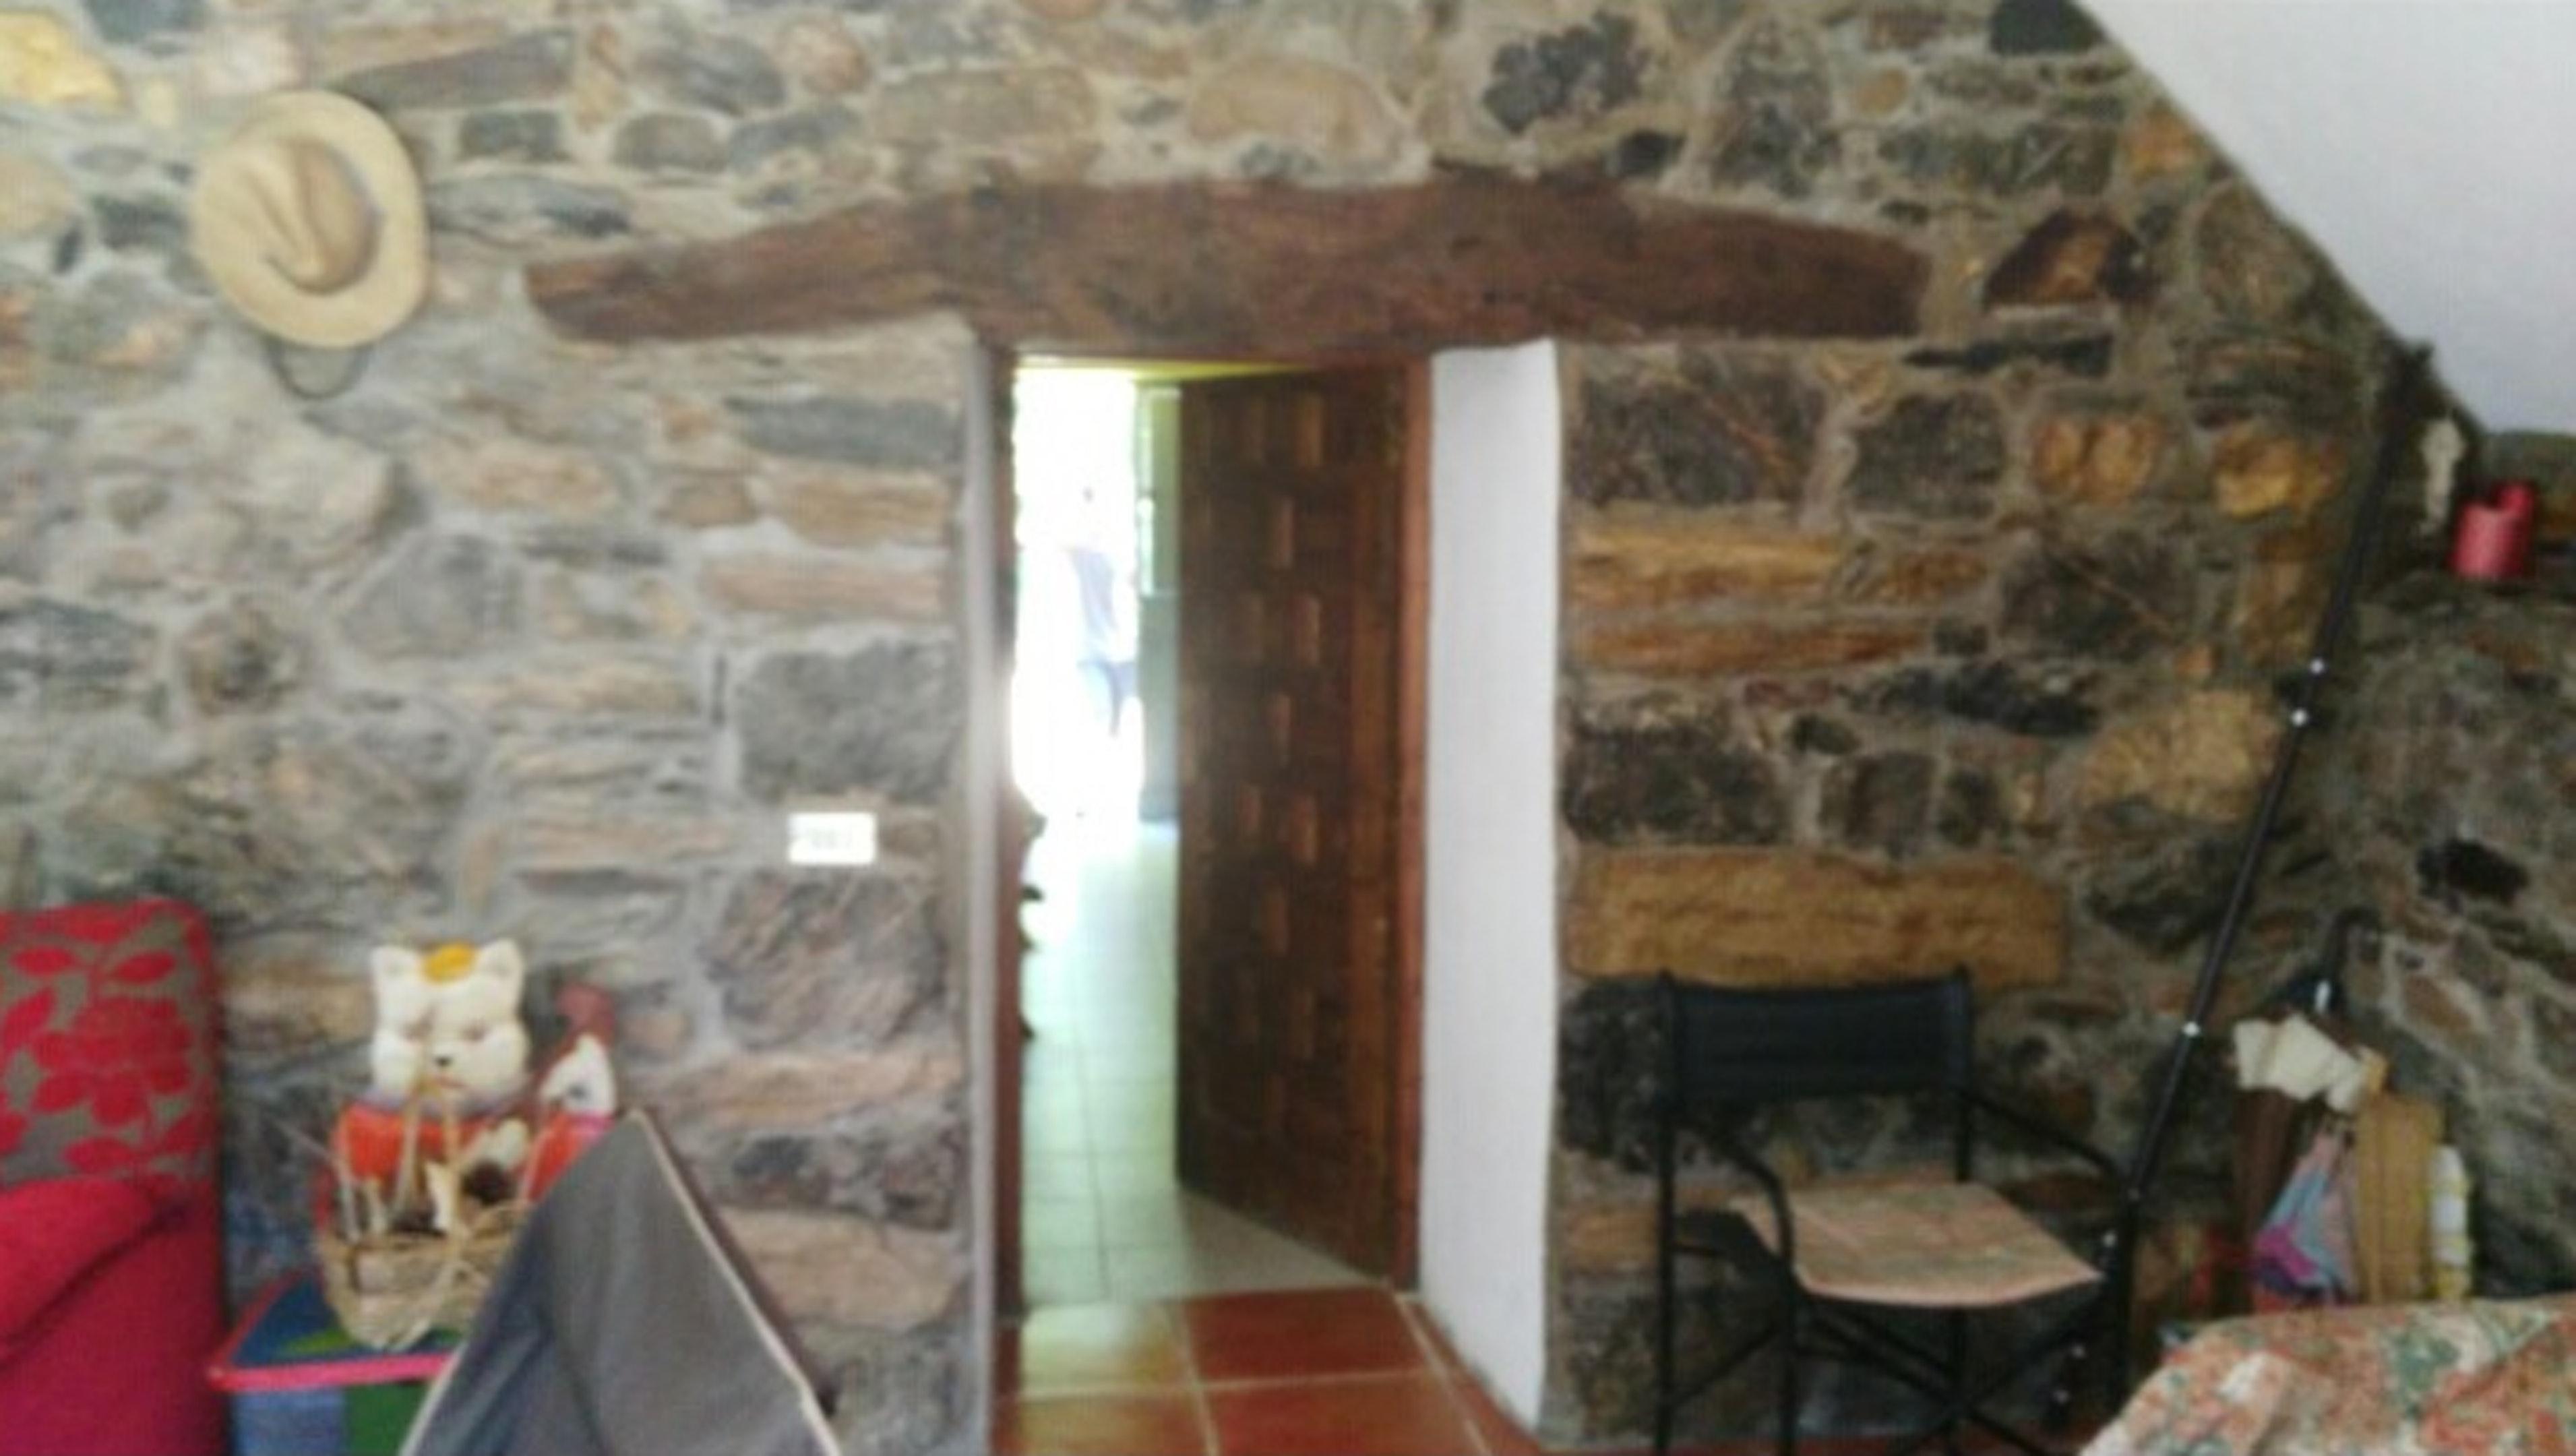 Ferienhaus Haus mit 4 Schlafzimmern in Baralla mit möbliertem Garten (2202040), Baralla, Lugo, Galicien, Spanien, Bild 12